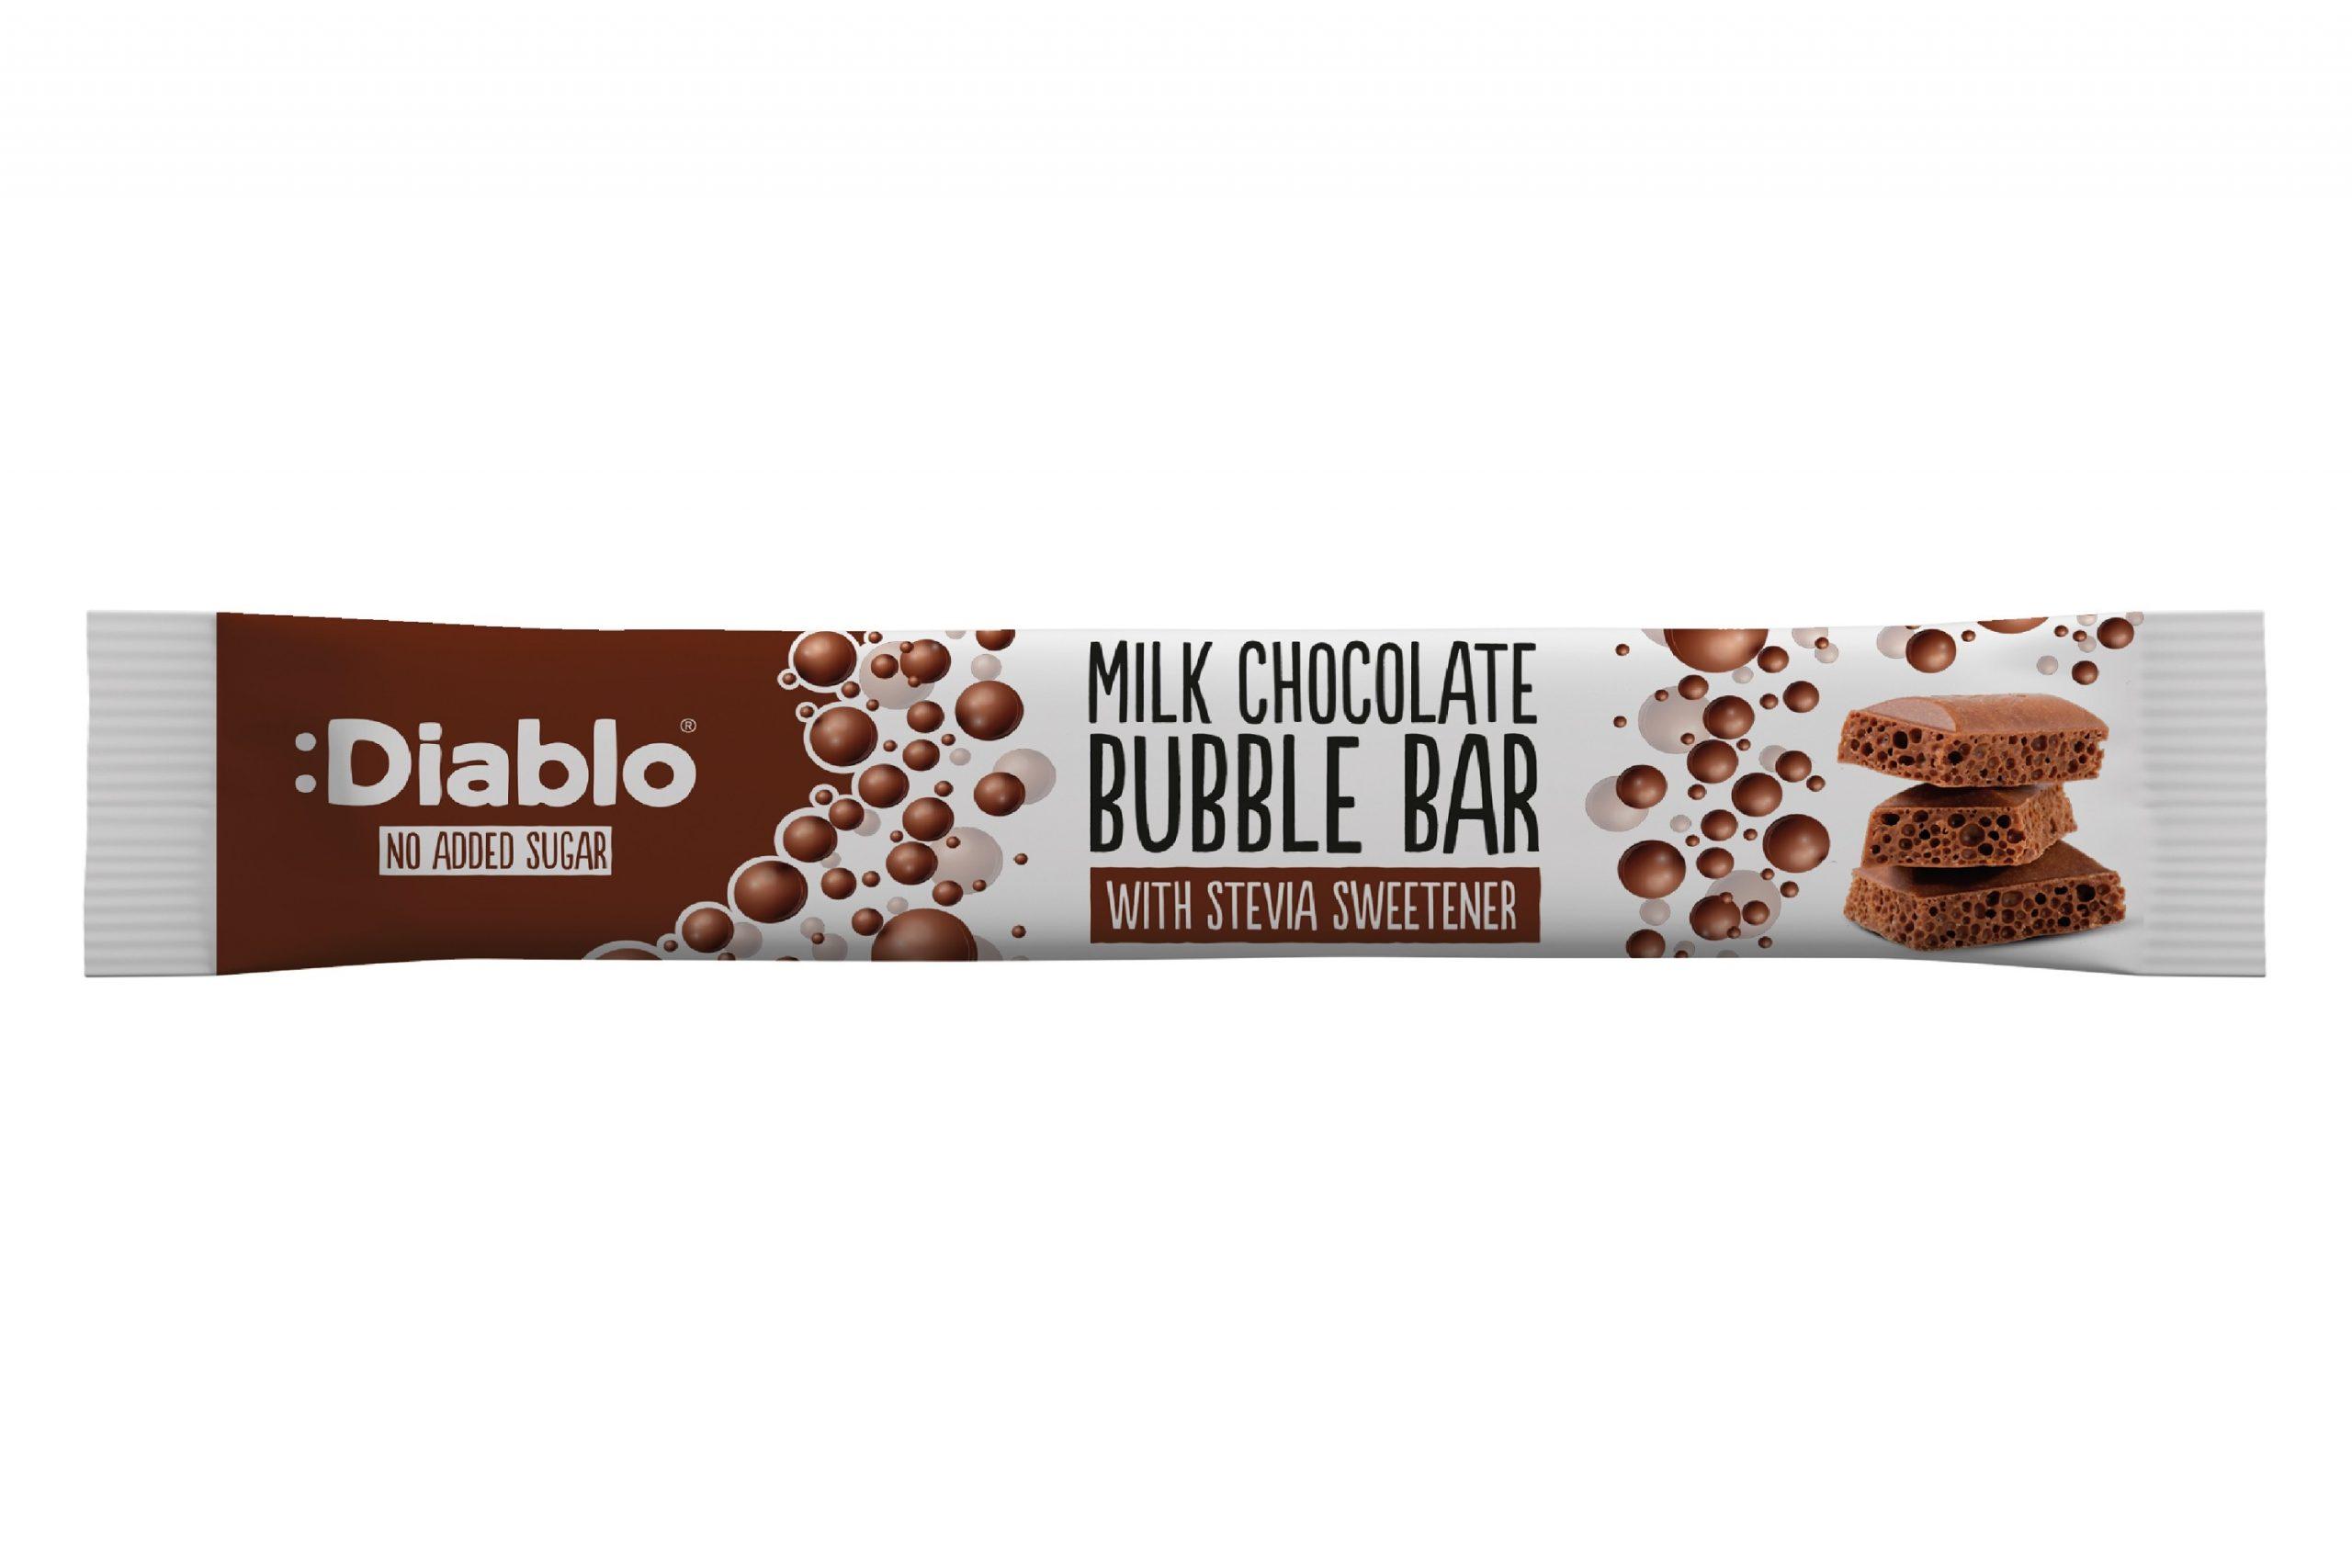 Diablo NAS Milk Chocolate Bubble Bar